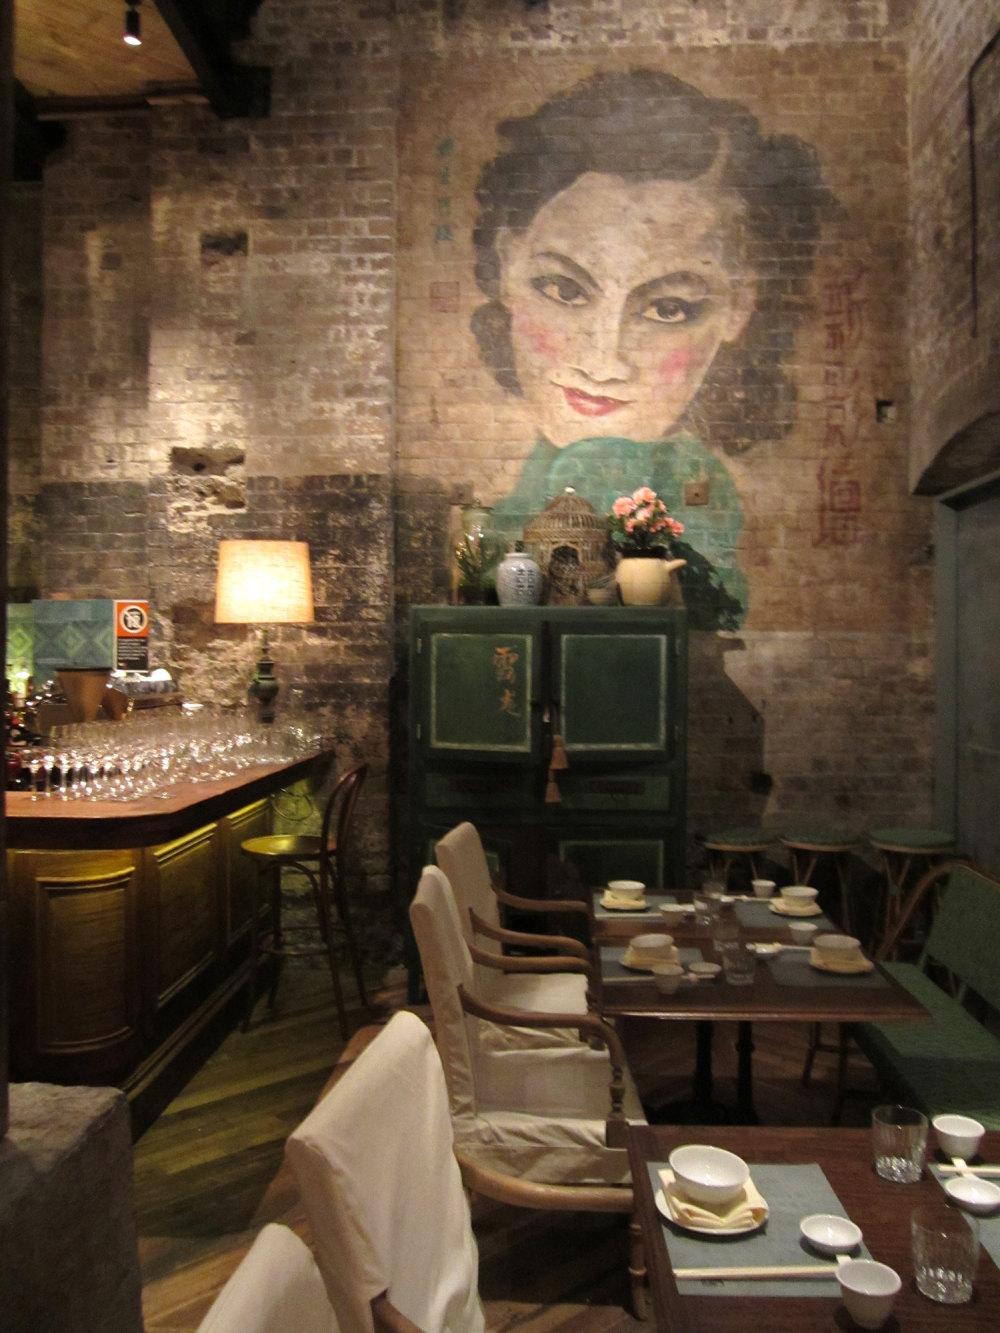 悉尼Mr.Wong中餐粤菜馆--极具中国风情的餐馆_img_1599.jpg